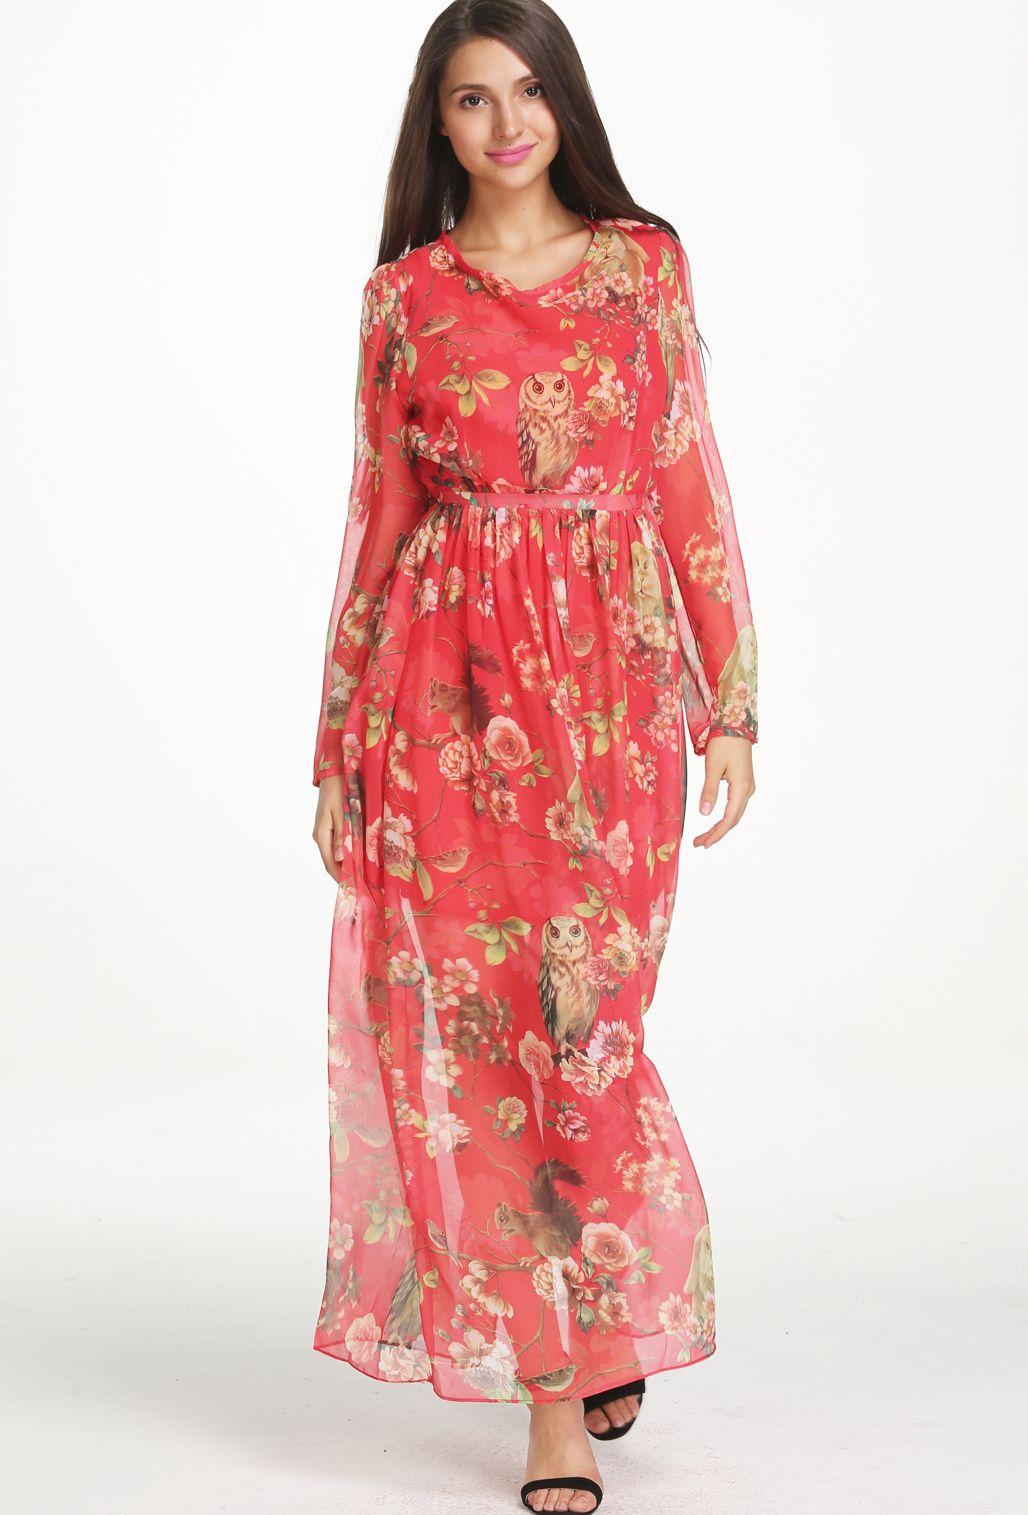 Red long sleeve floral owl print maxi dress beautiful saris and